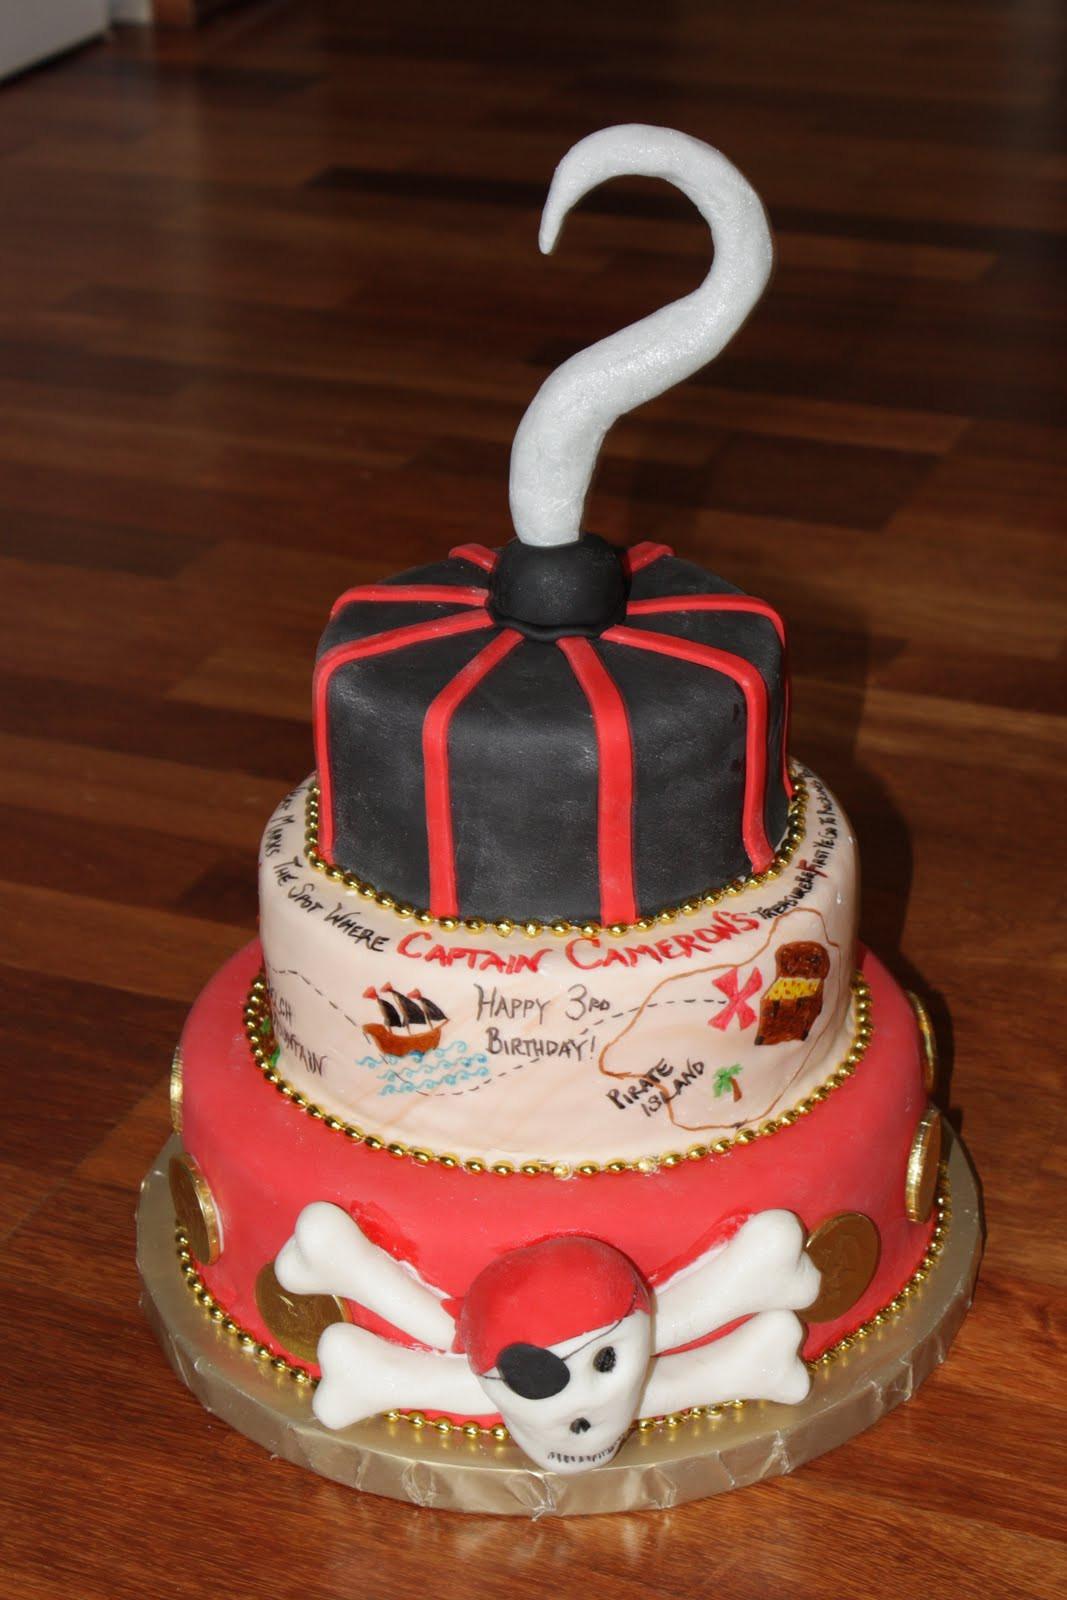 Pirate Birthday Cake  Custom Cakes By Britt Pirate Birthday Cake